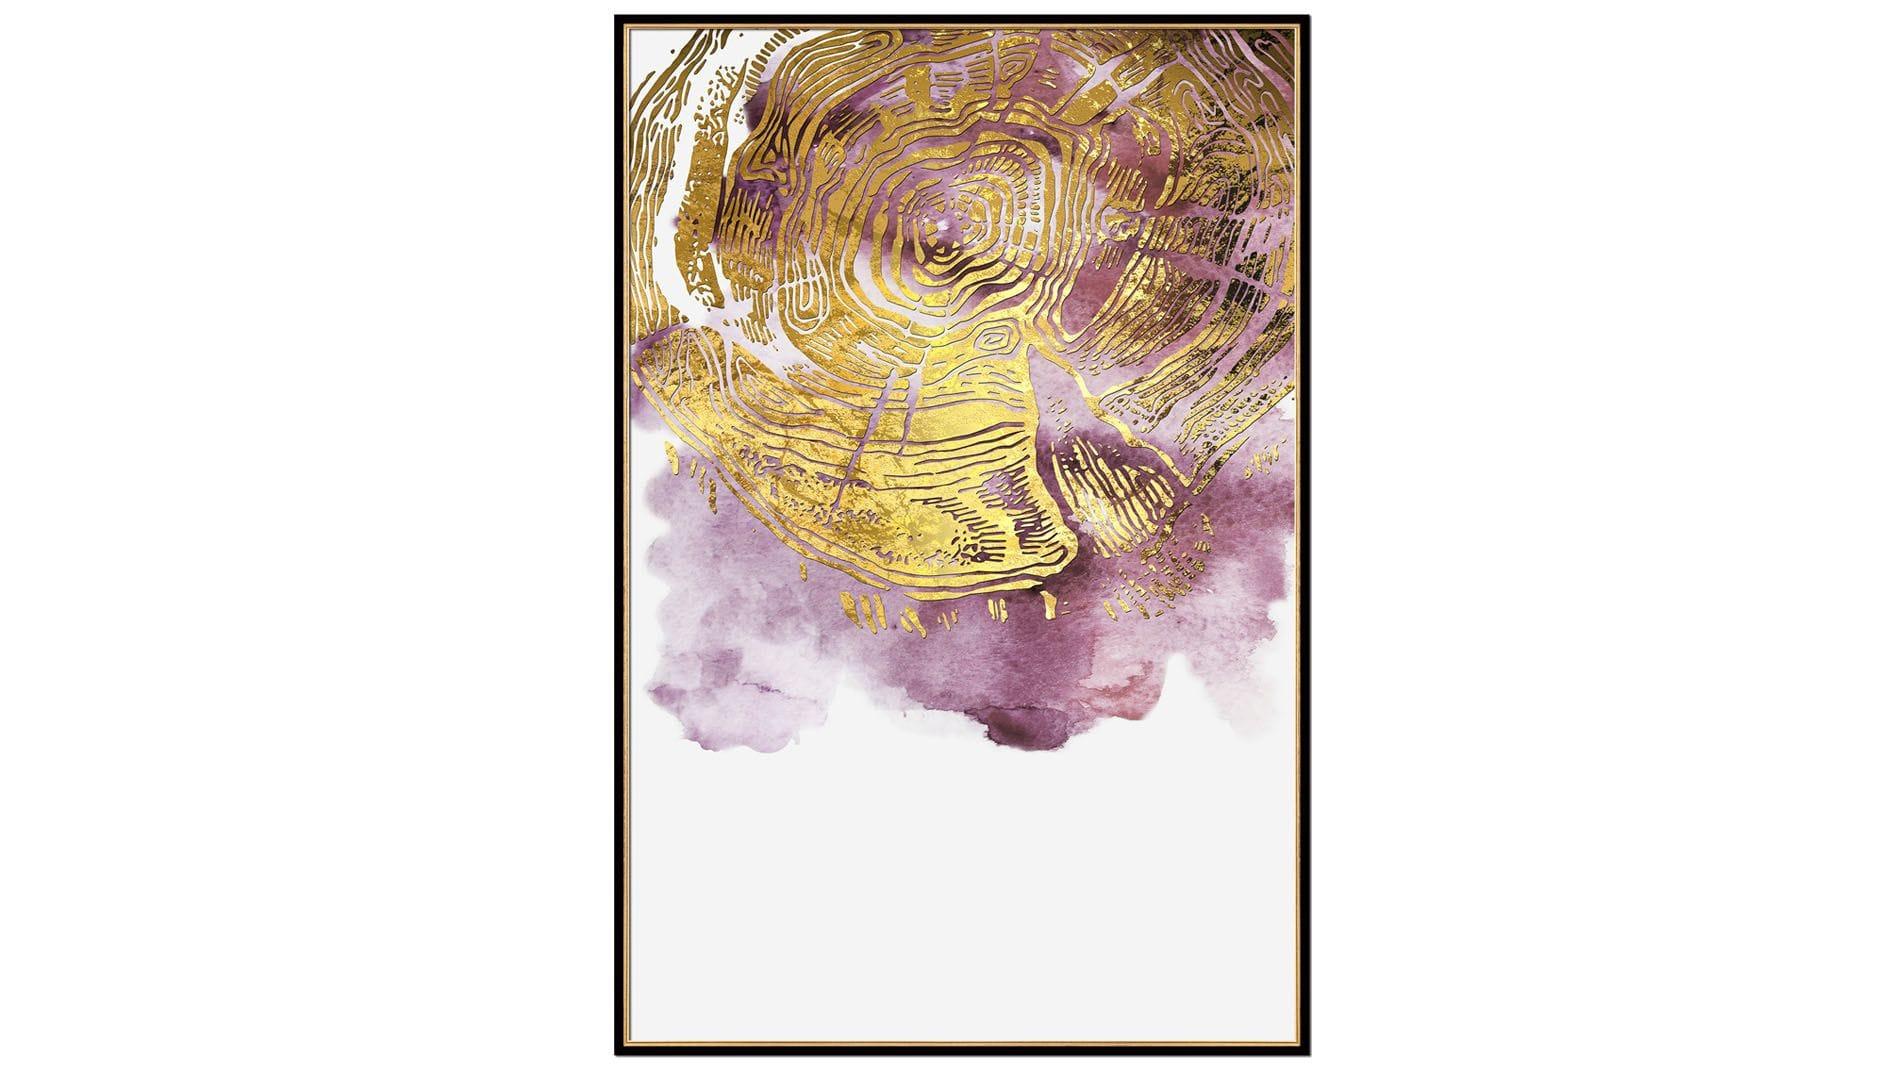 Постер для интерьера Волна абстракции - 1 80х60 см